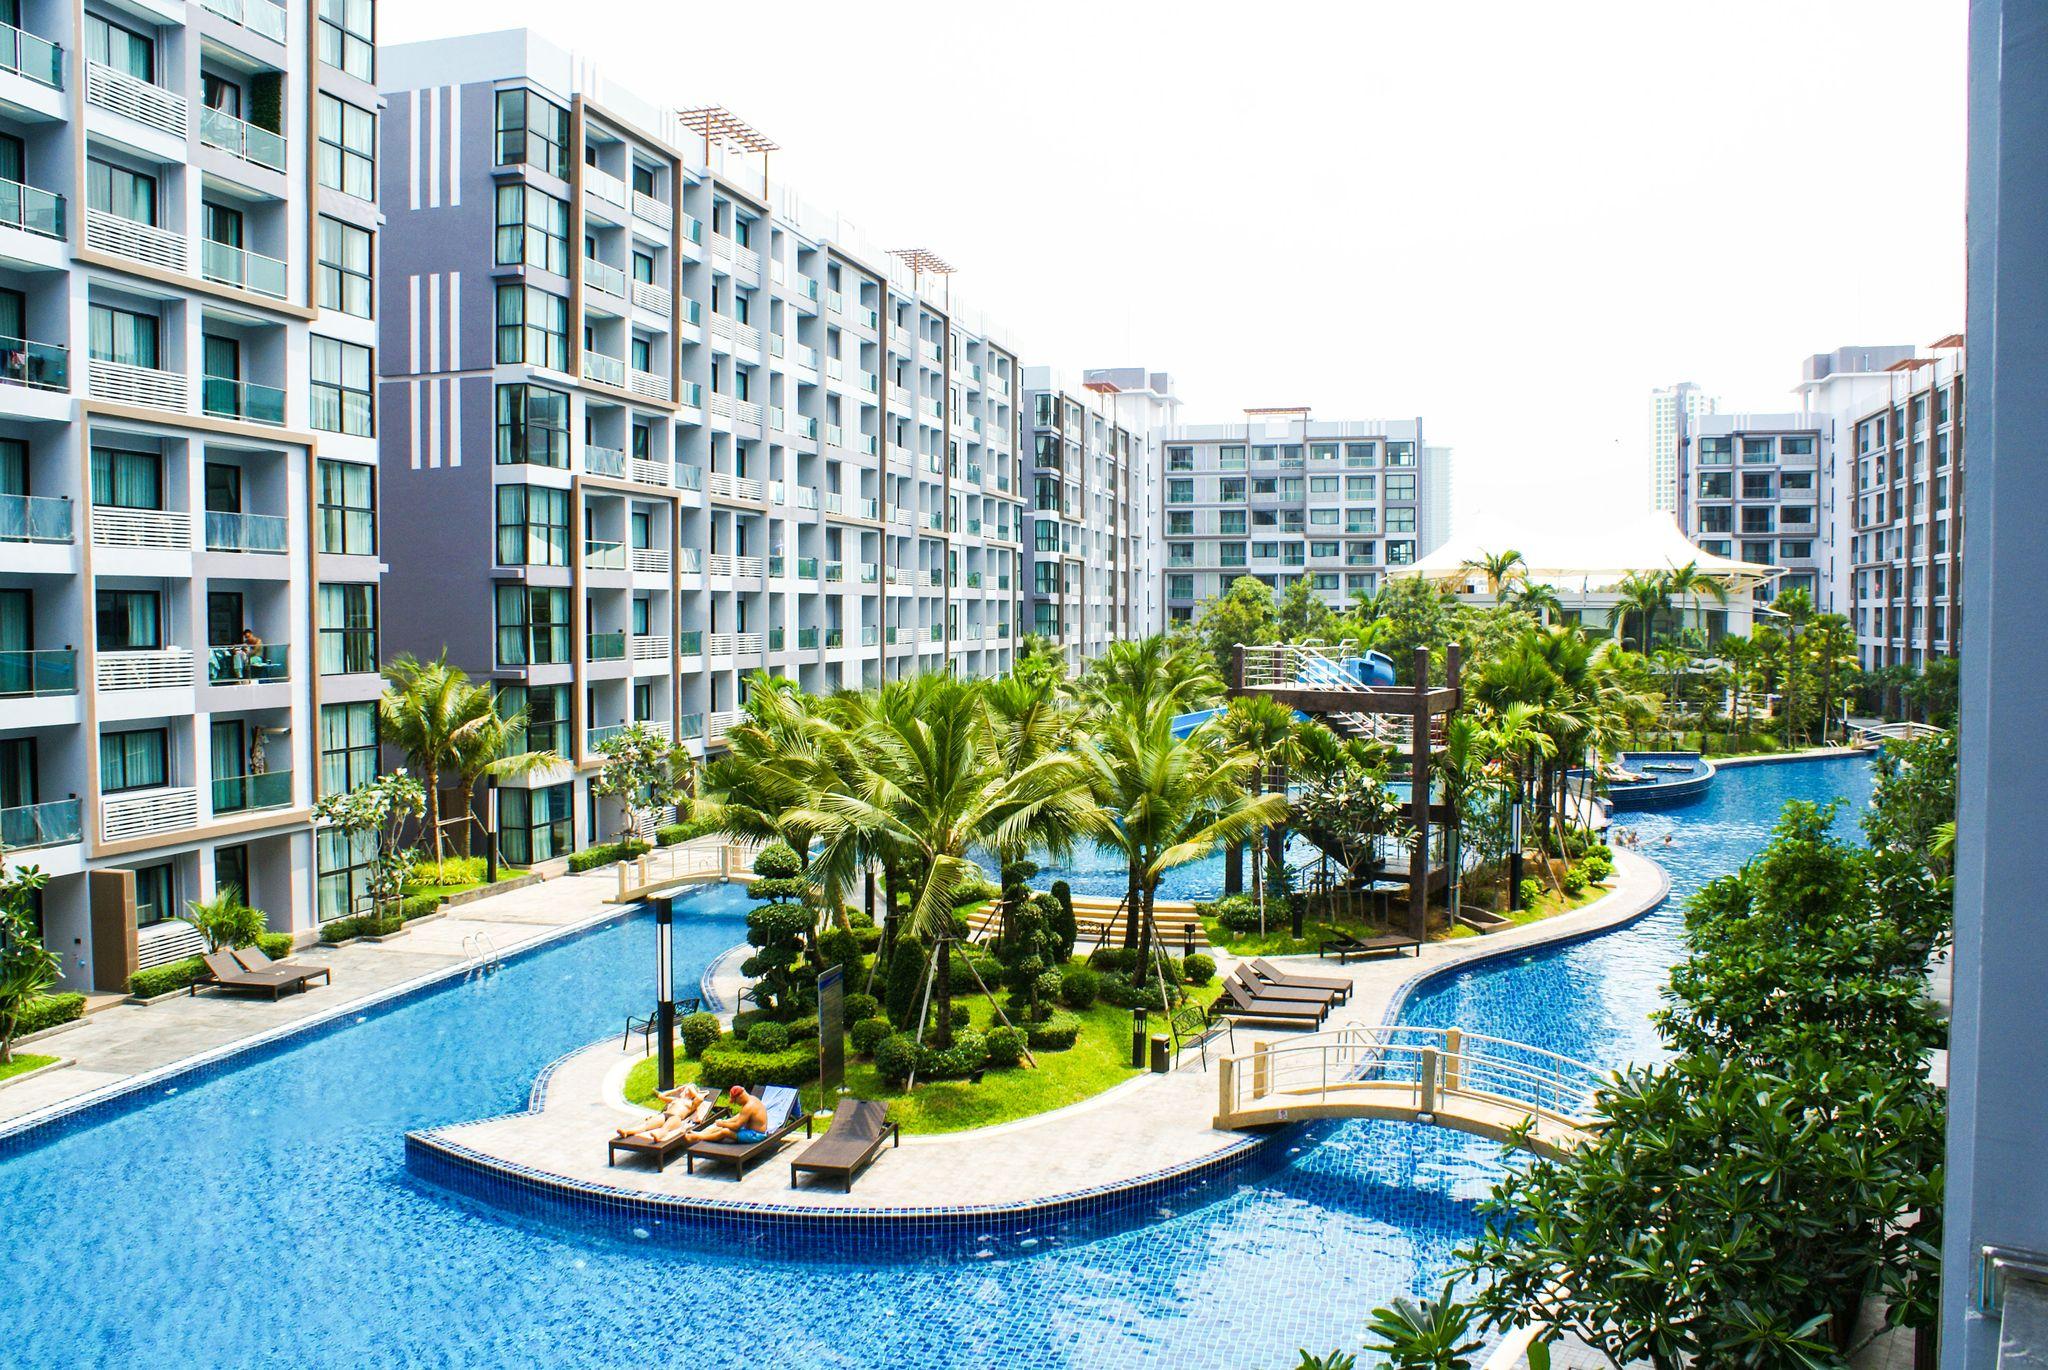 Hot sale project Dusit Grand Park 1 bedroom apartment